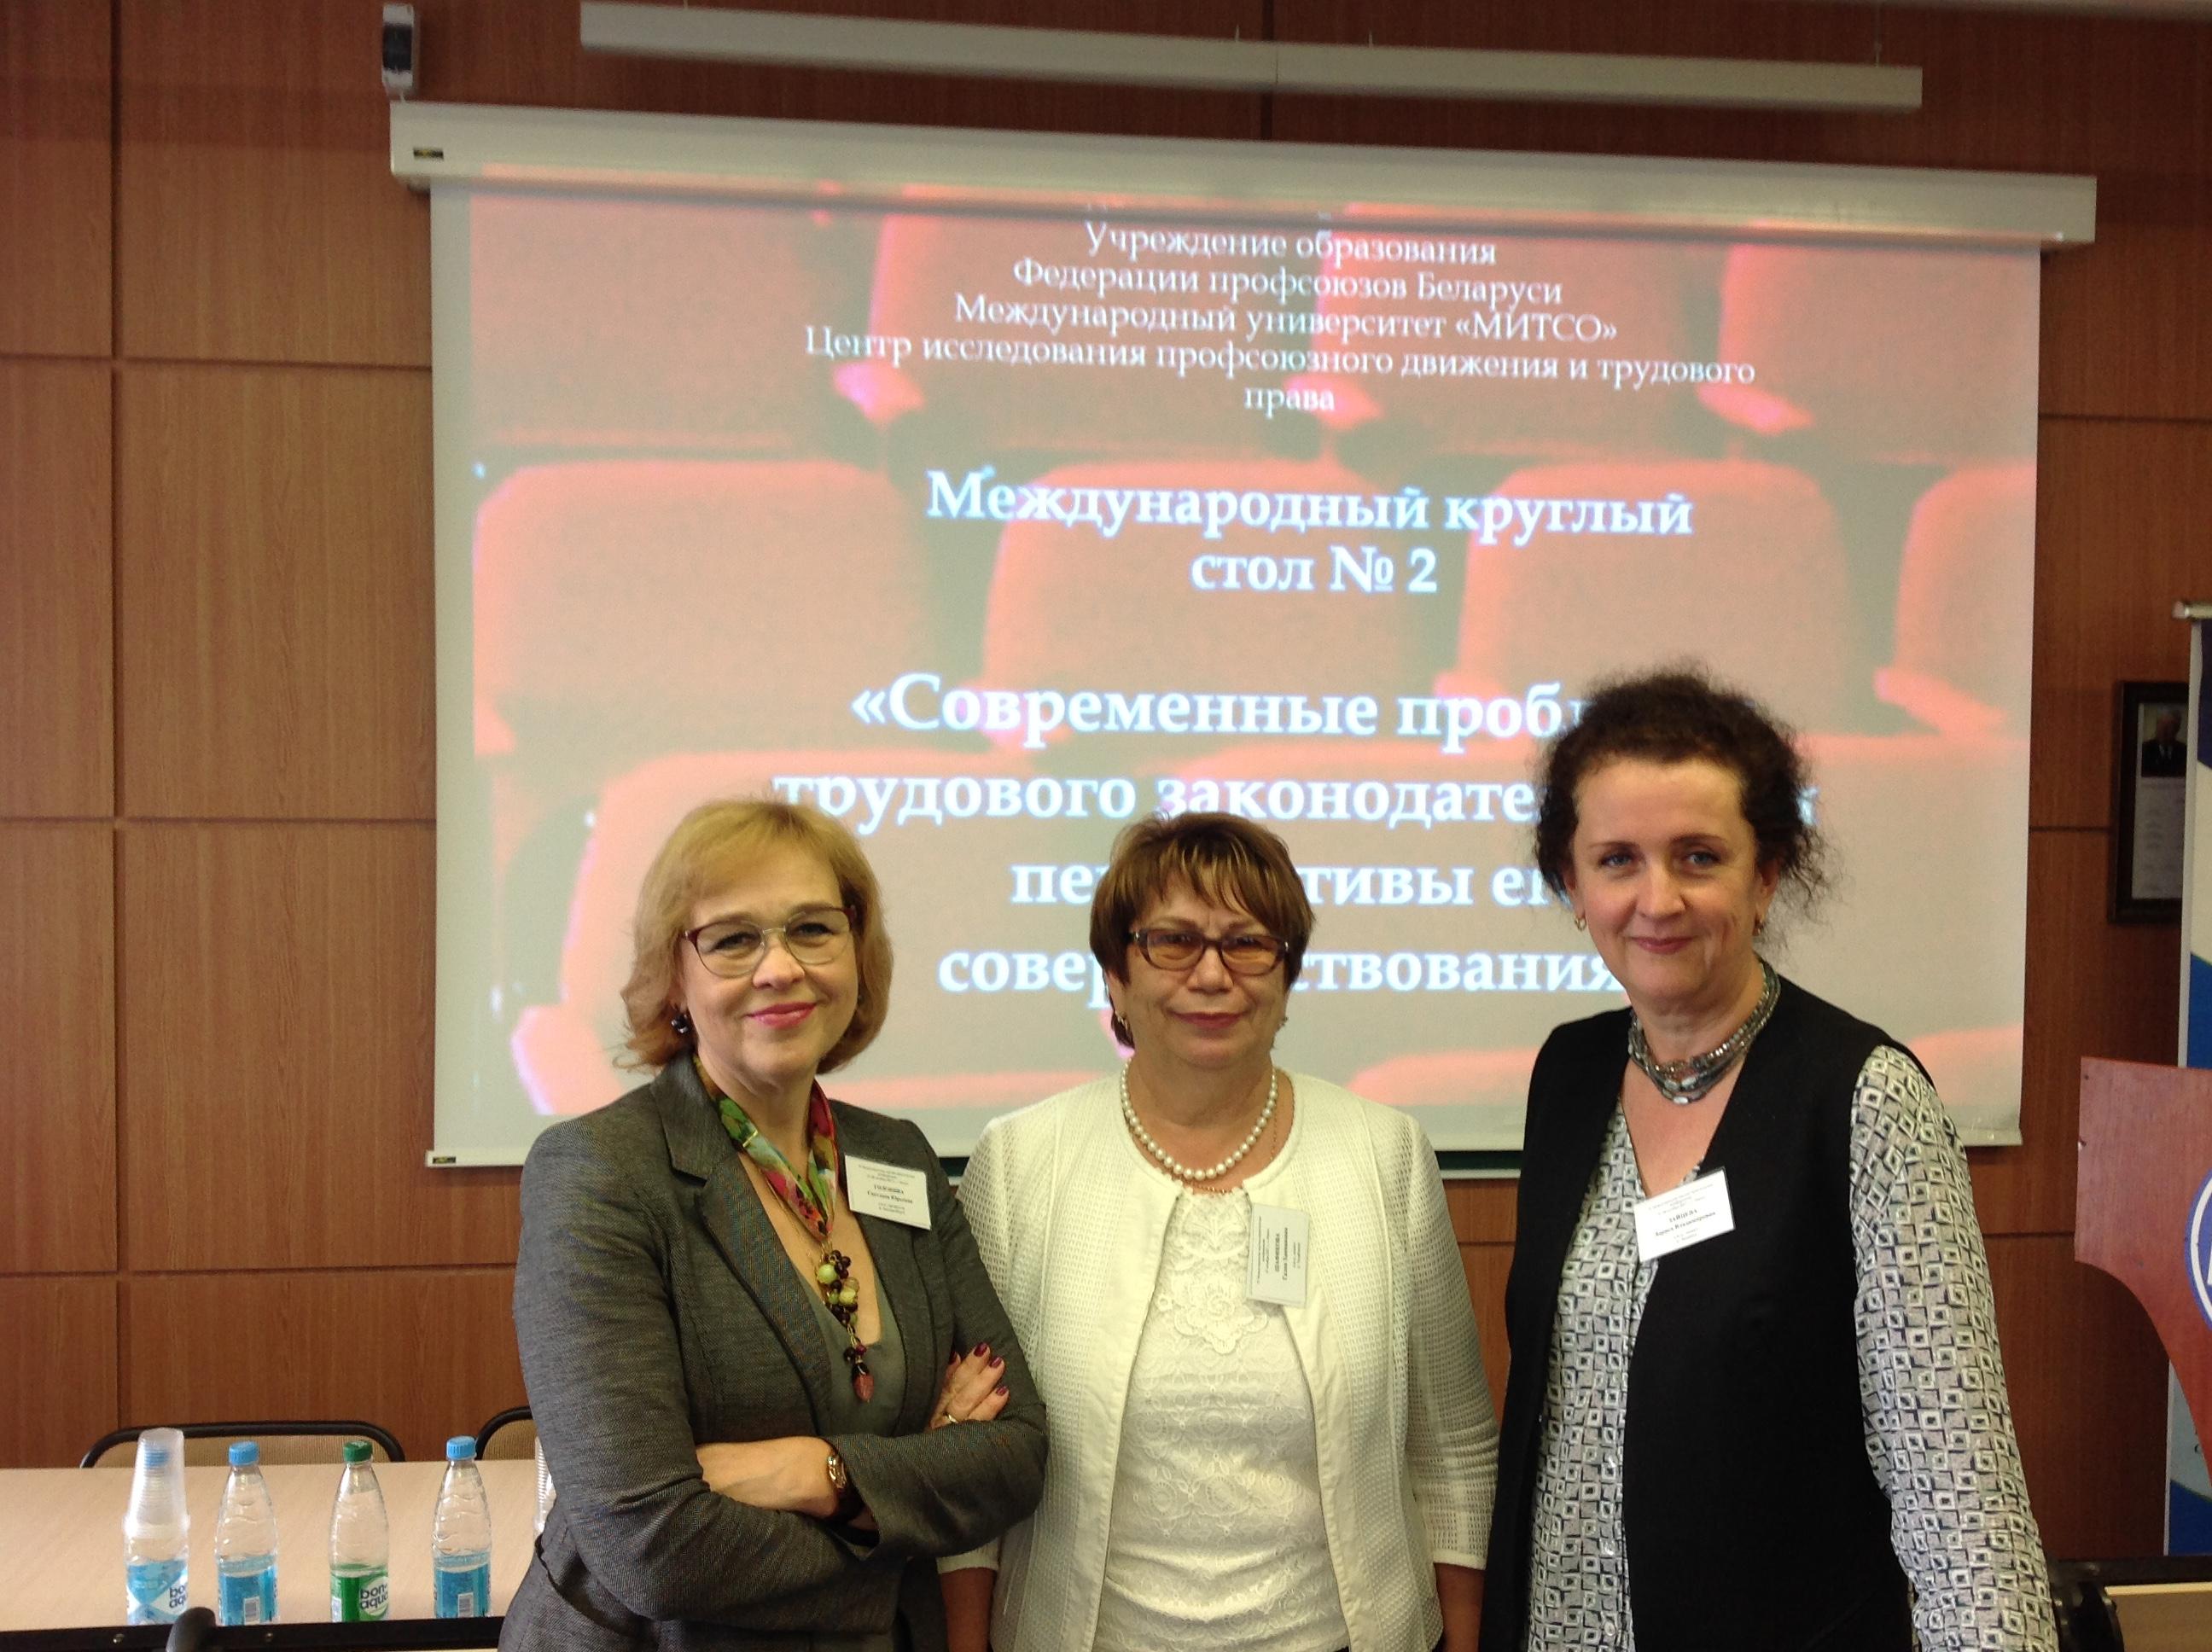 Укрепление сотрудничества юридического института ЮУрГУ с зарубежными и российскими вузами  в  Республике Беларусь